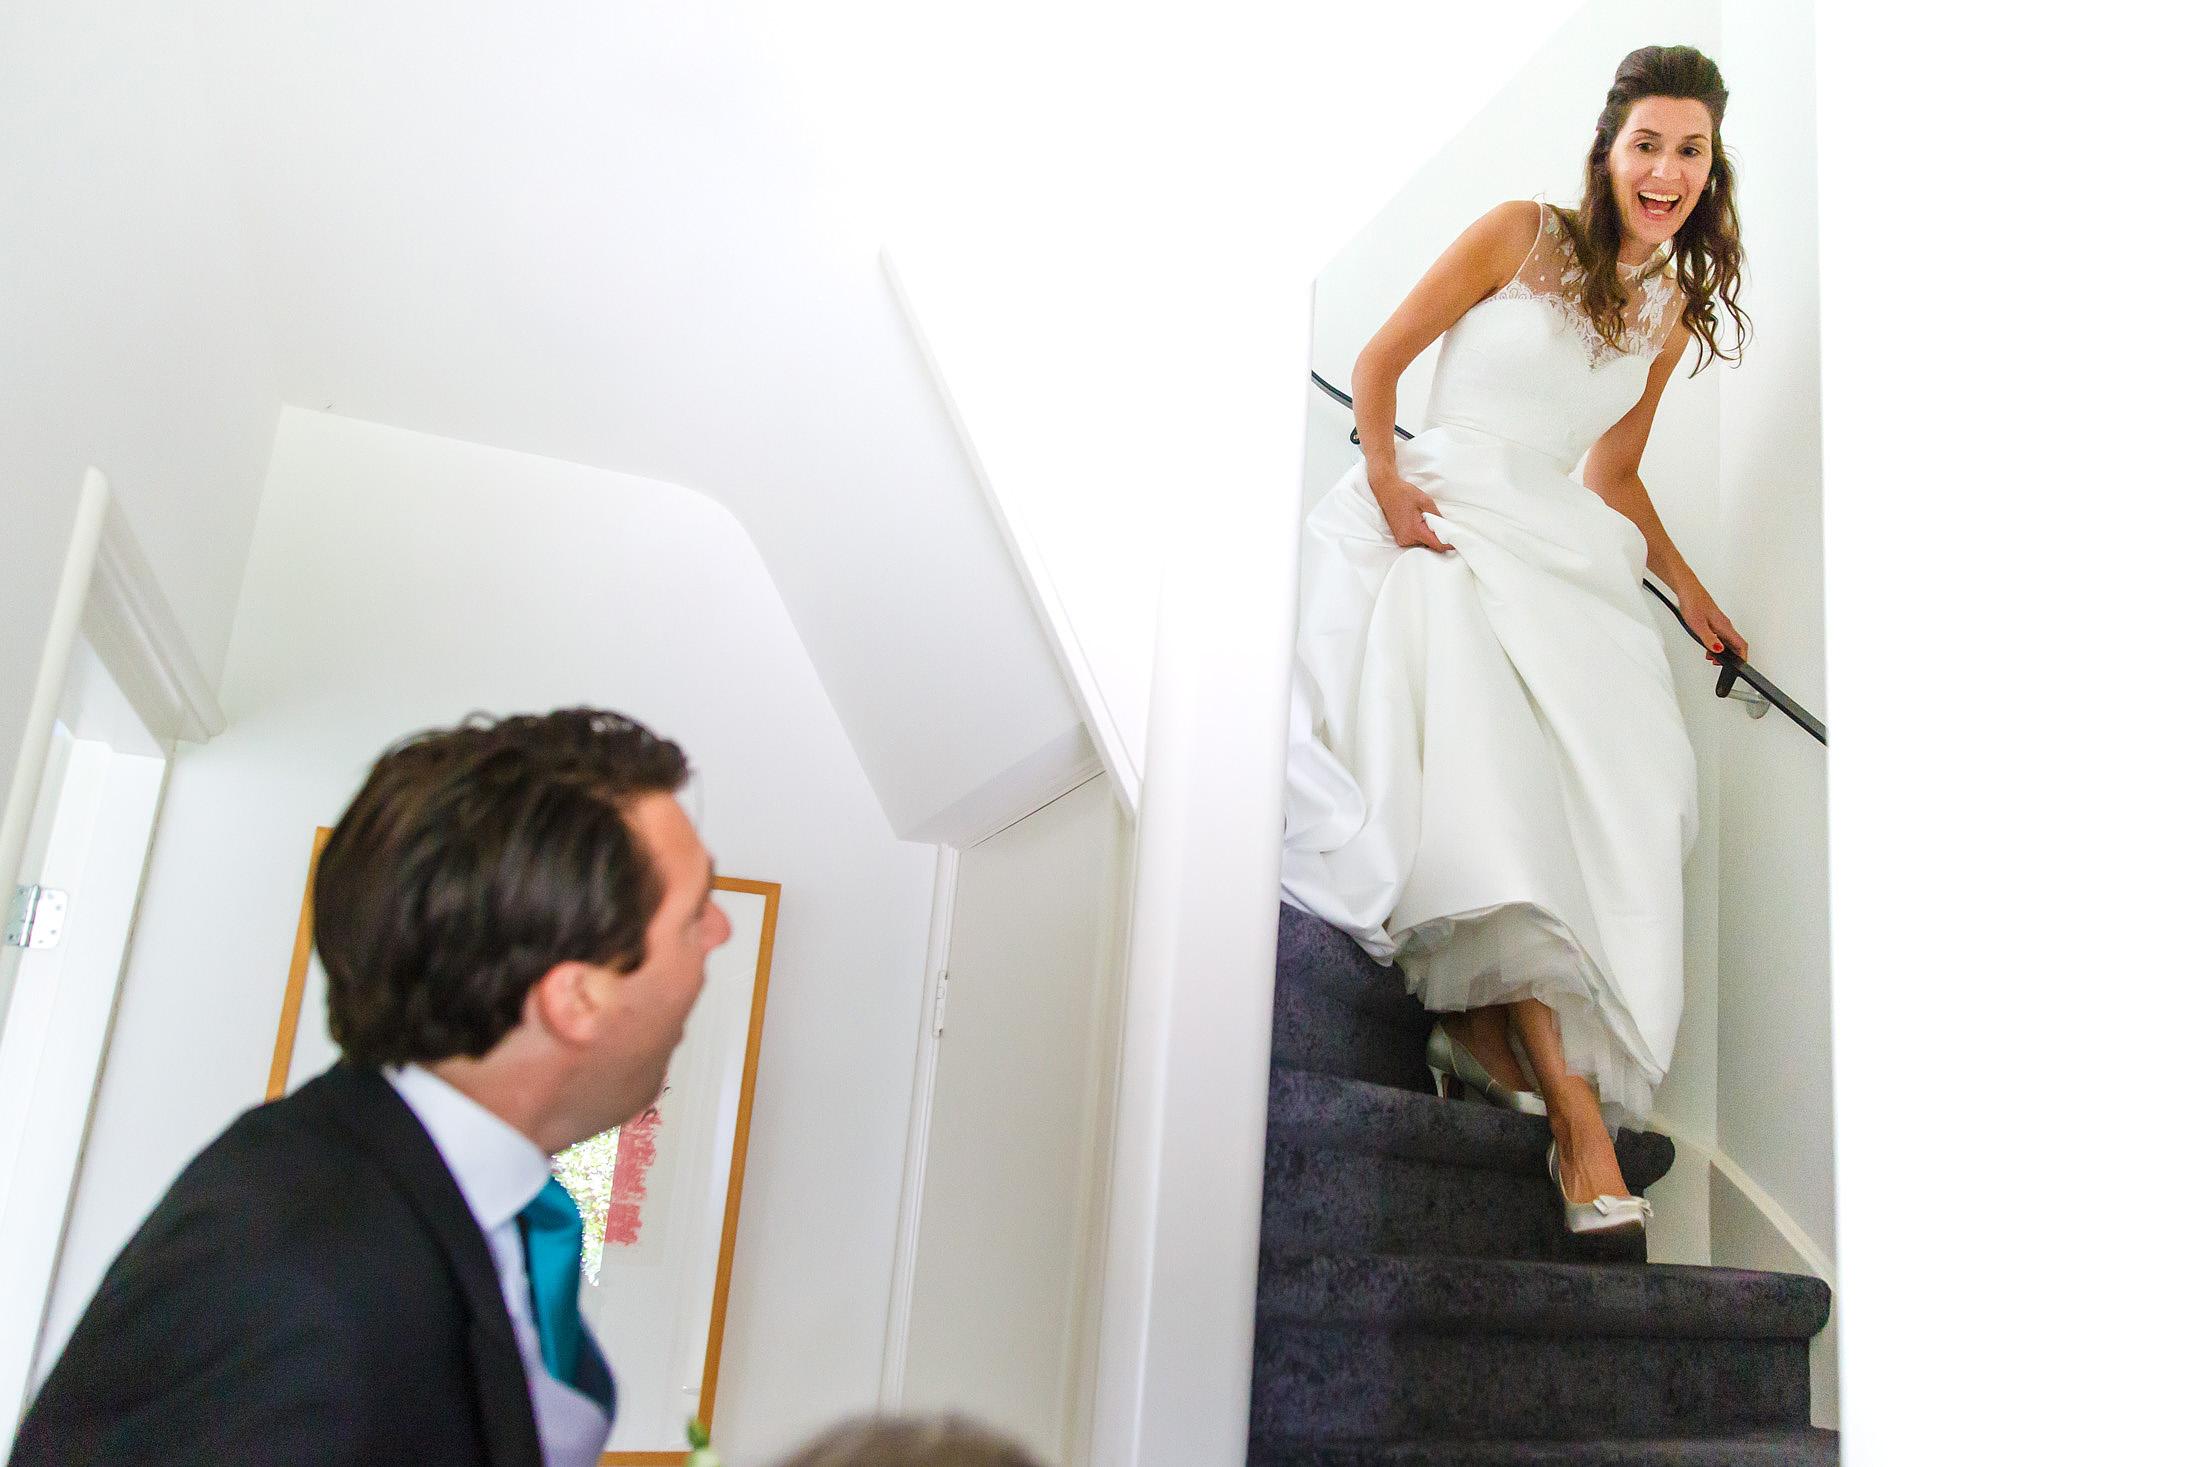 08-ontmoeting-bruidspaar-bruiloft